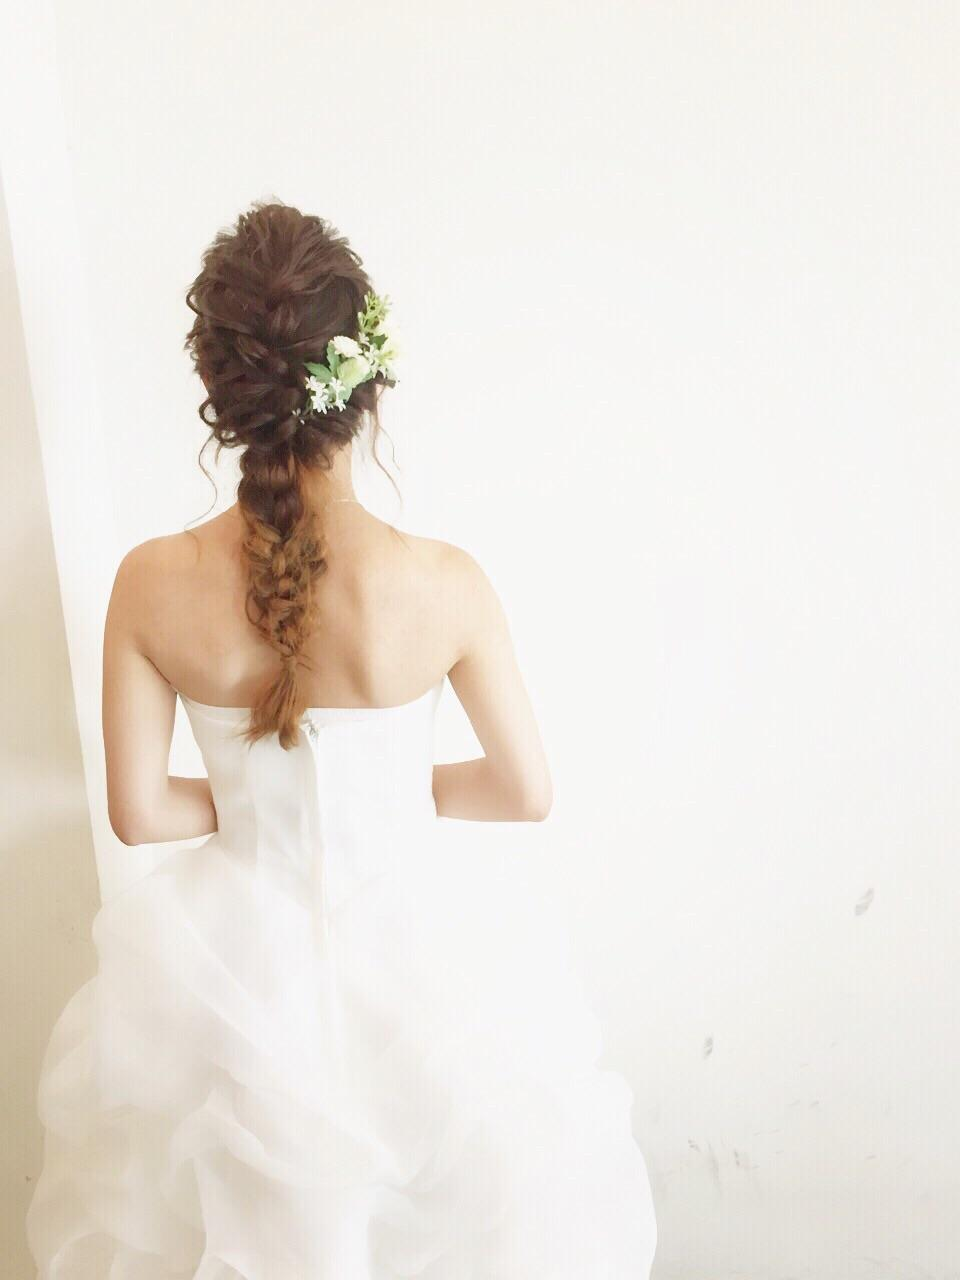 もう悩まない!結婚式お呼ばれヘアスタイルは編み込みでキュートに♡の1枚目の画像